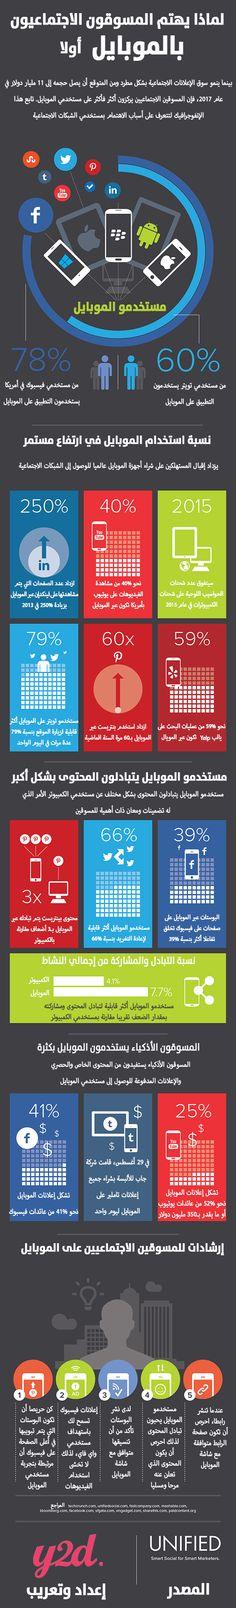 انفوجرافيك .. لماذا يهتم المسوقين الاجتماعيون بالموبايل اولا ؟